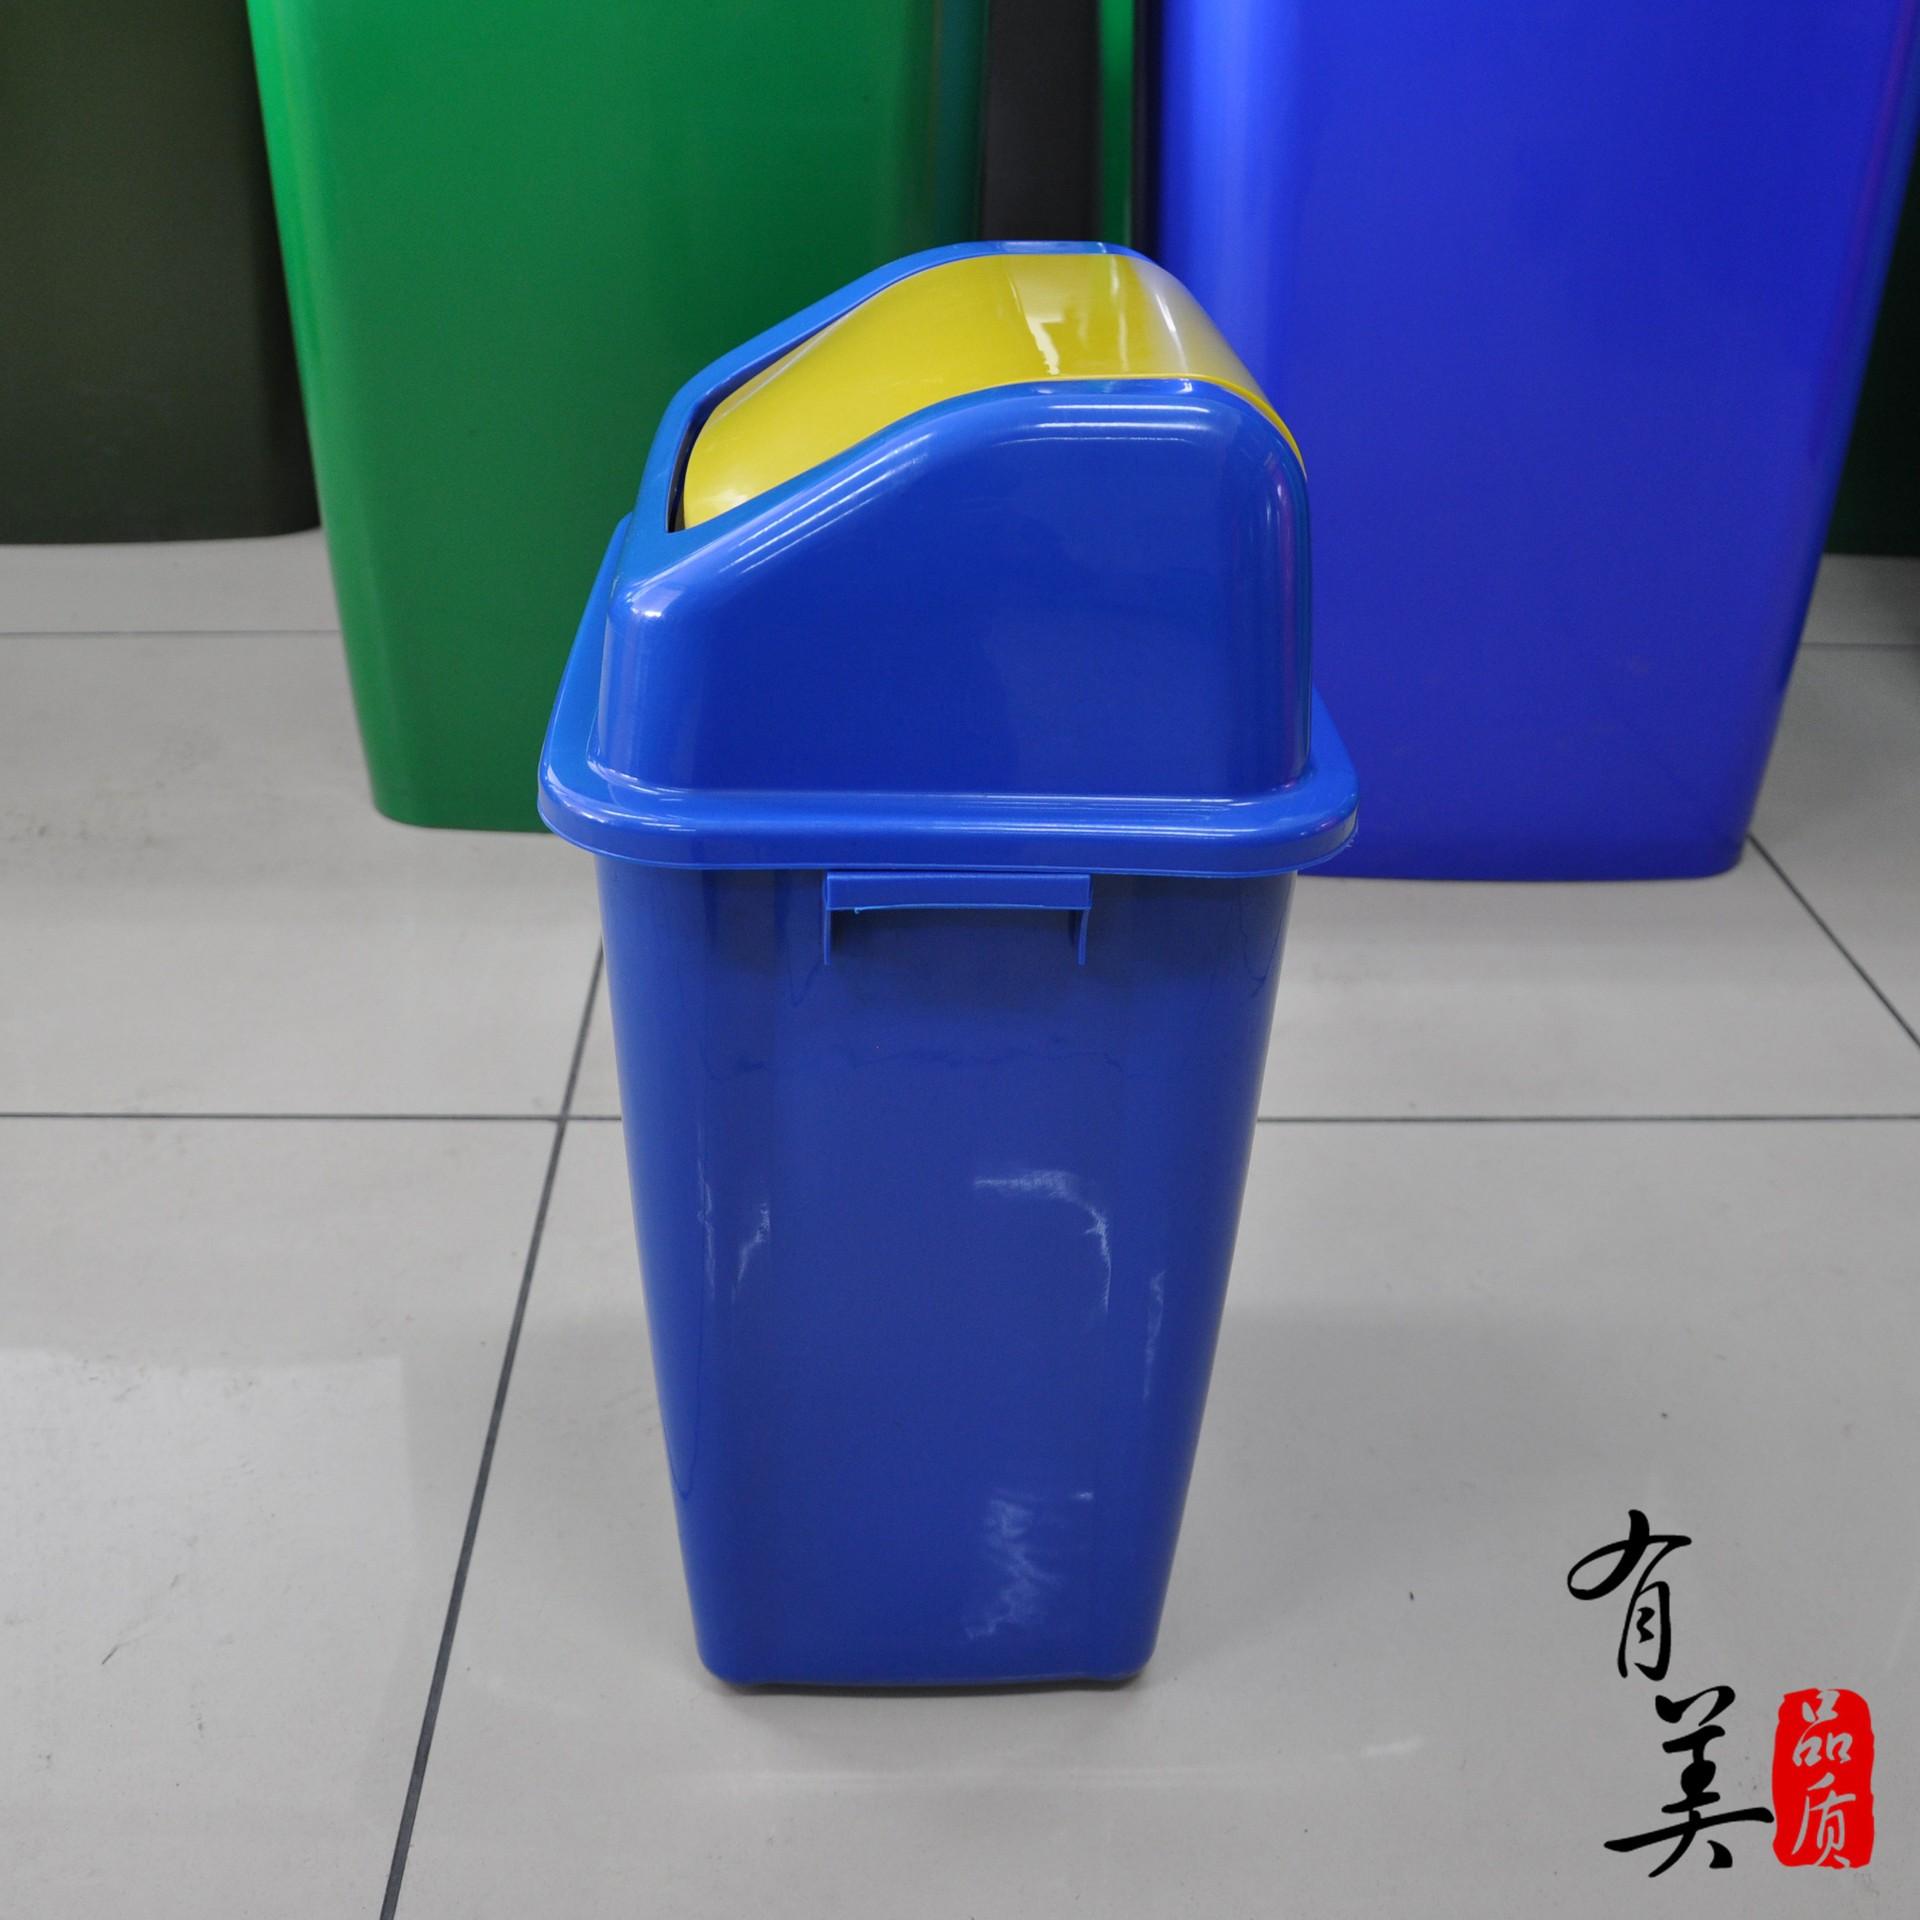 北京20l塑料垃圾桶 室内教室酒店客房户外可翻盖垃圾